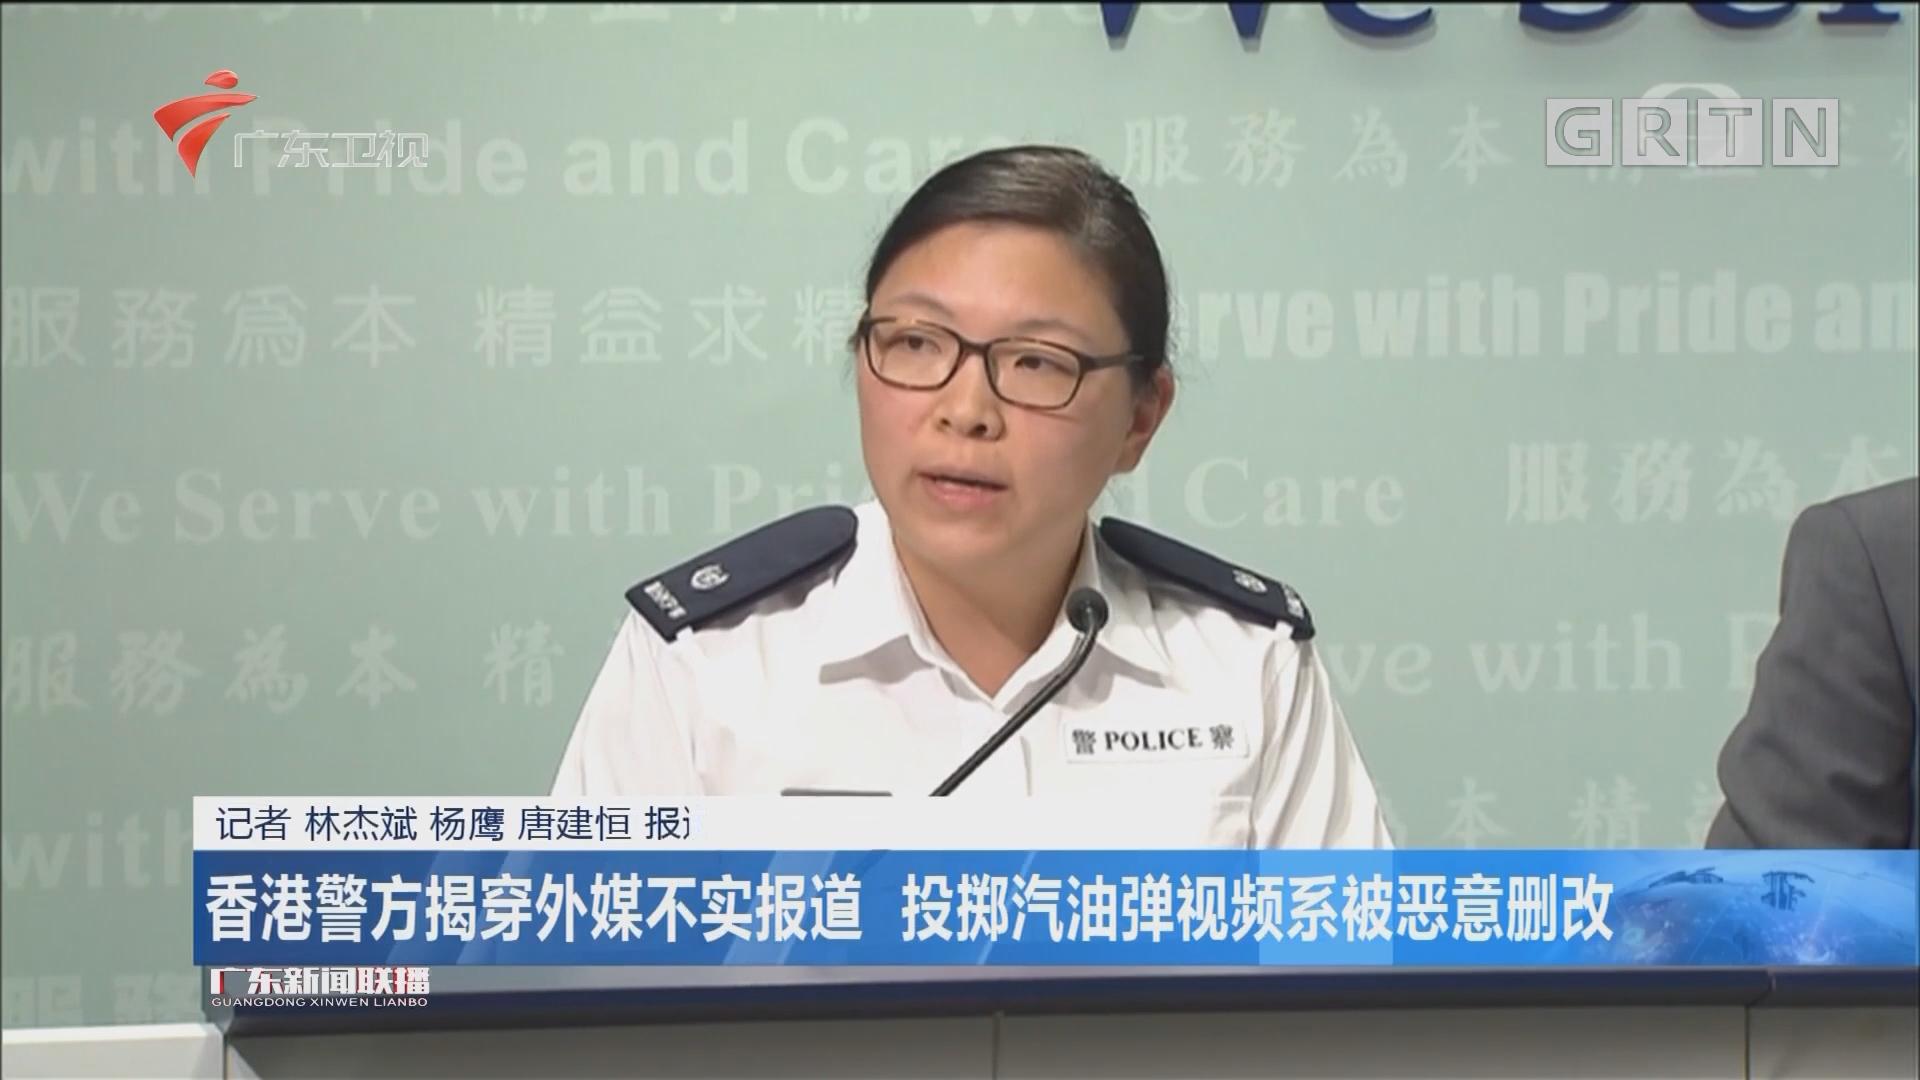 香港警方揭穿外媒不实报道 投掷汽油弹视频系被恶意删改